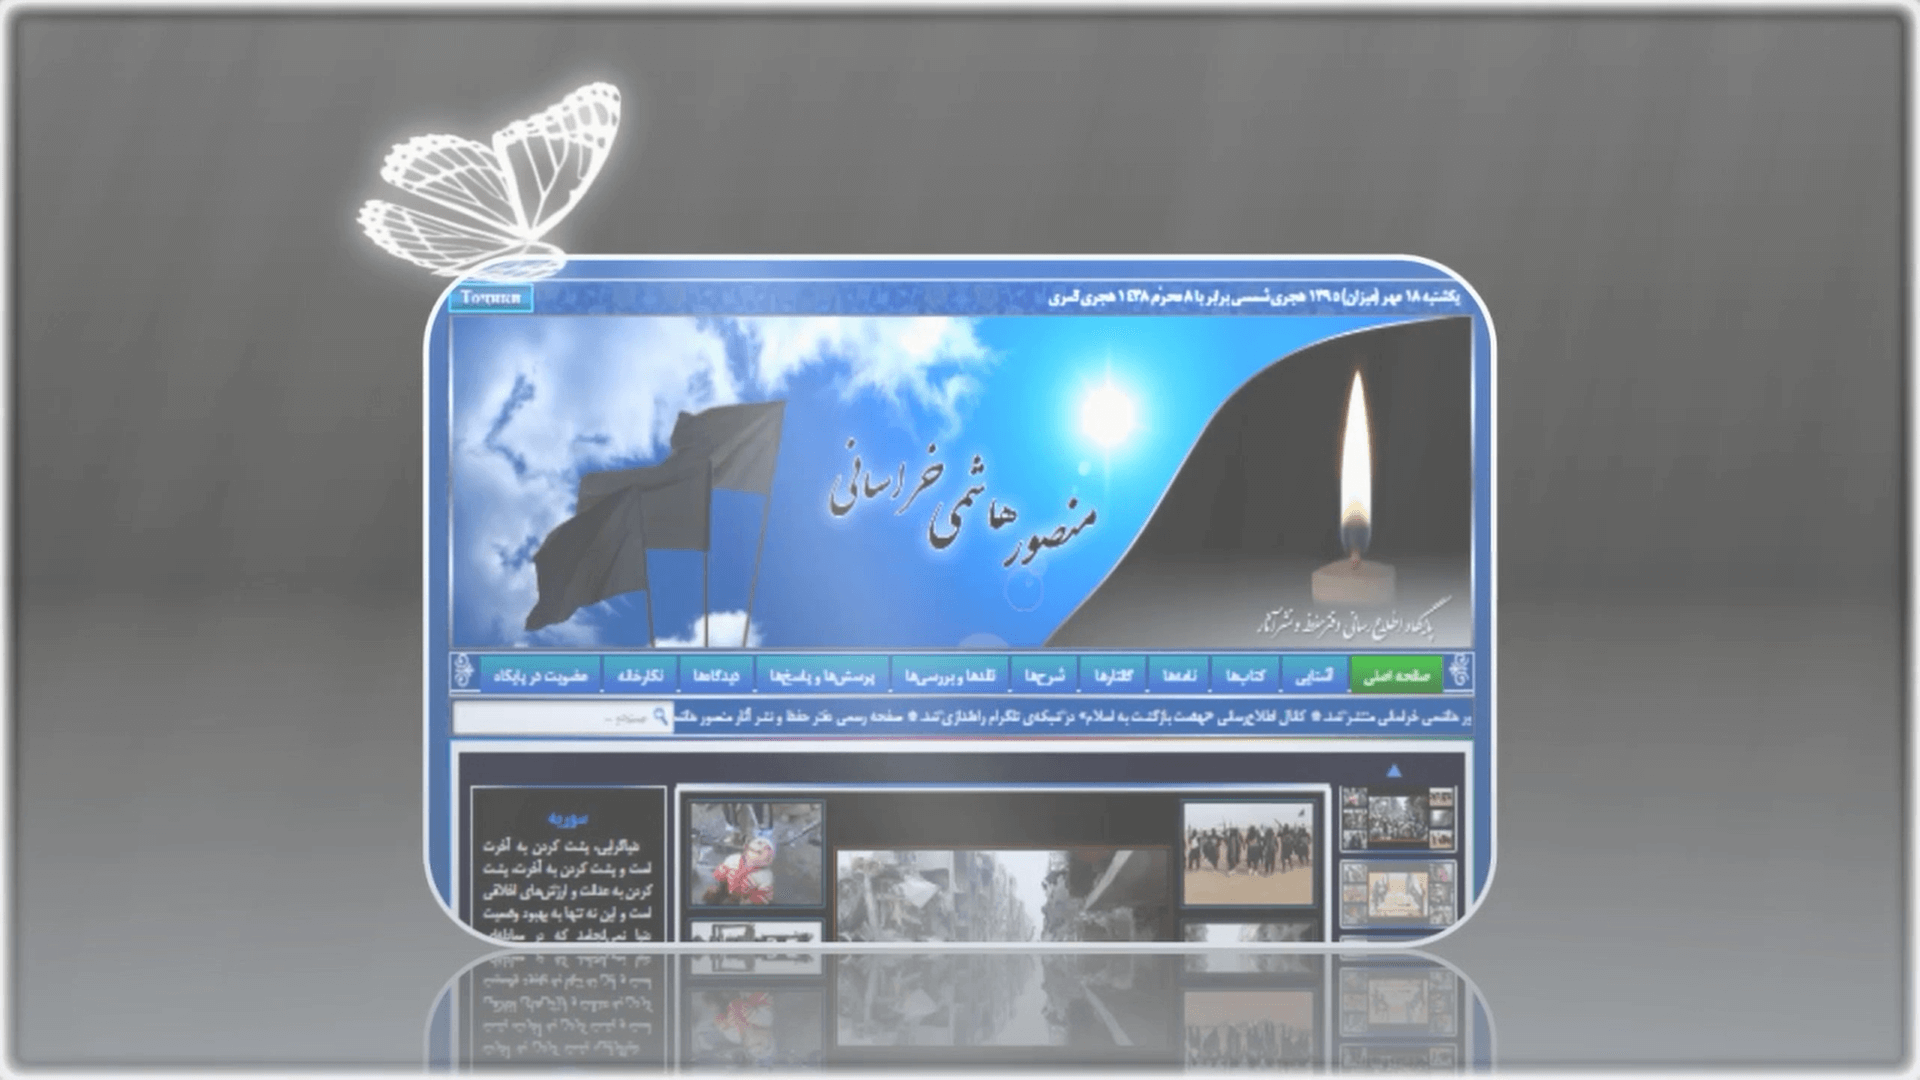 پایگاه اطّلاعرسانی دفتر حفظ و نشر آثار منصور هاشمی خراسانی (3)